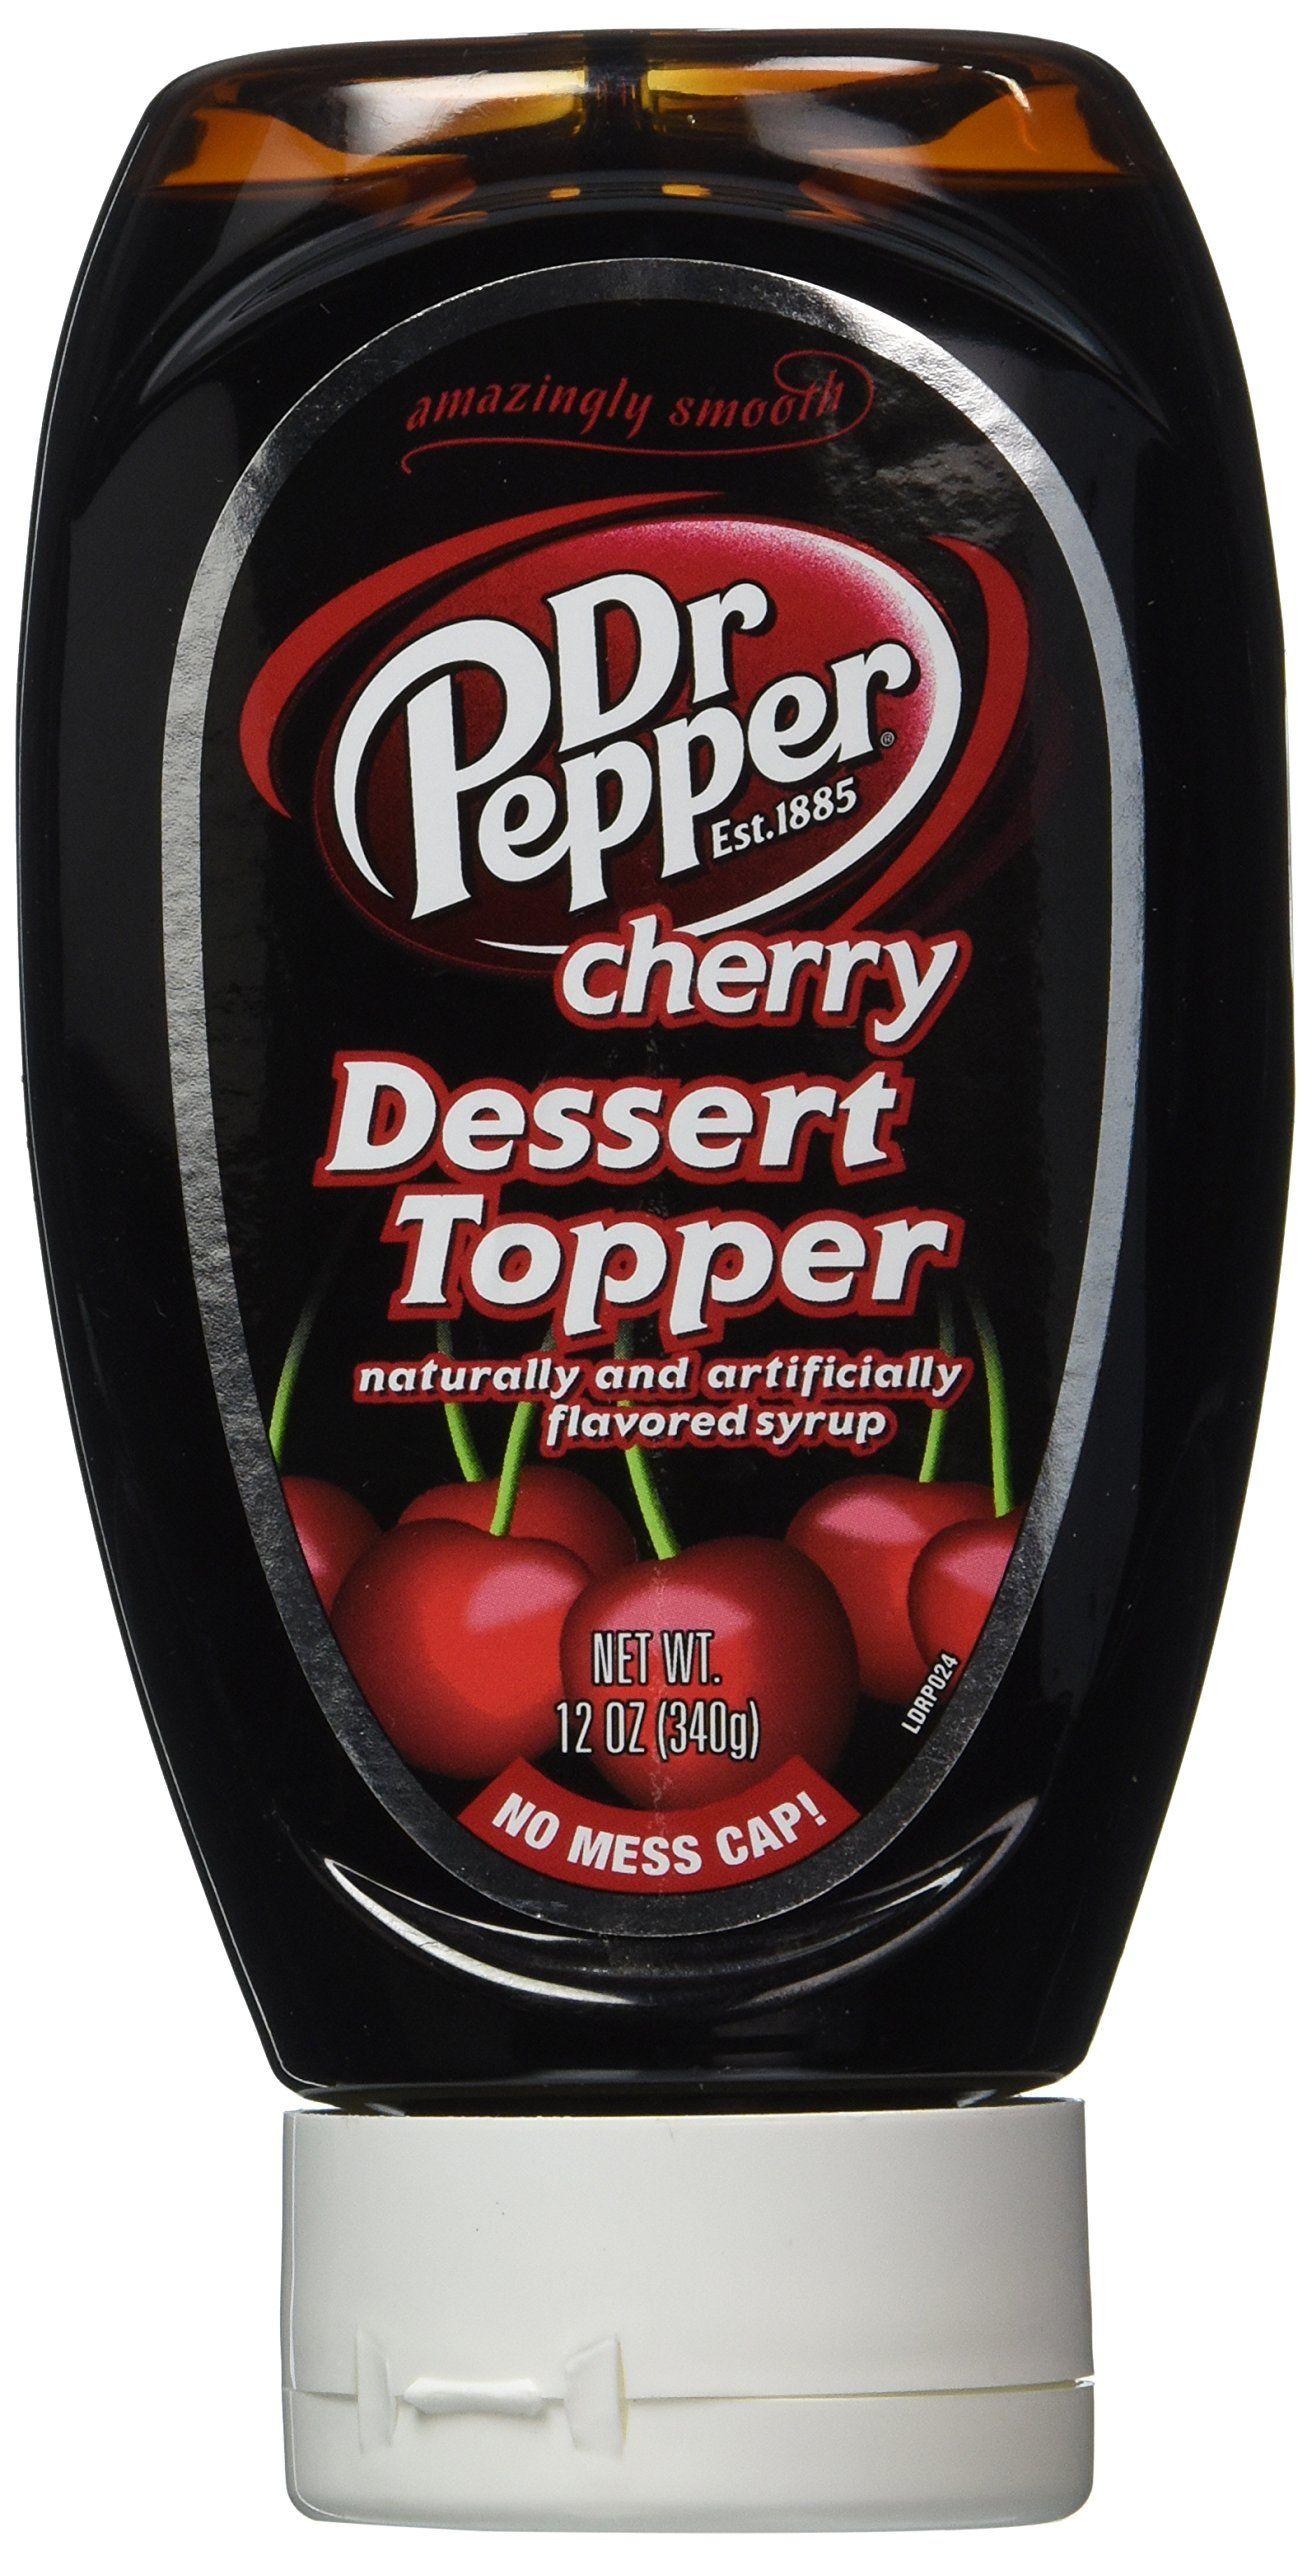 Dr Pepper dessert topper